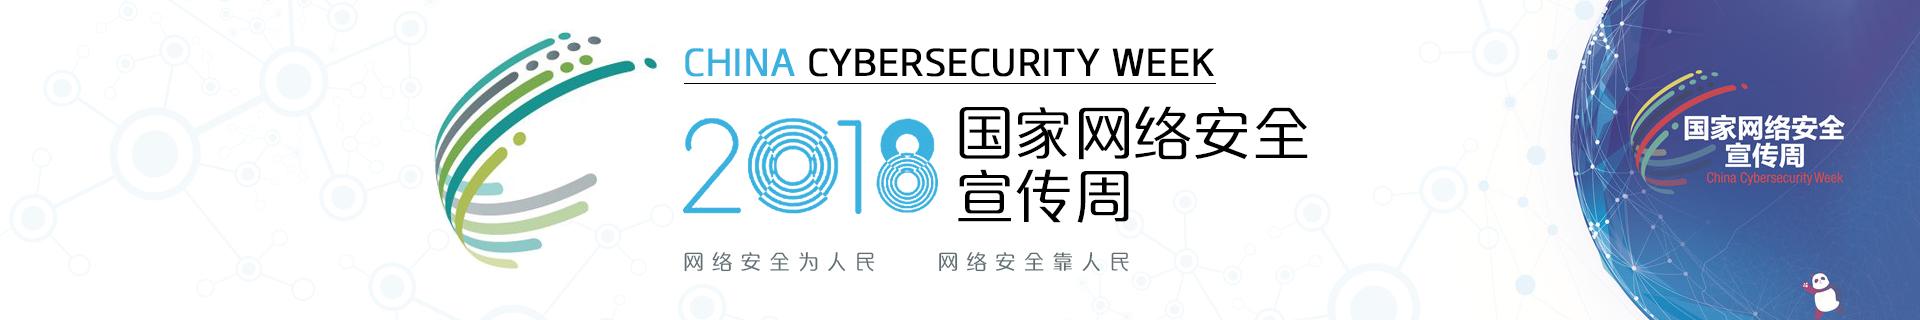 2018年国家网络安全宣传周